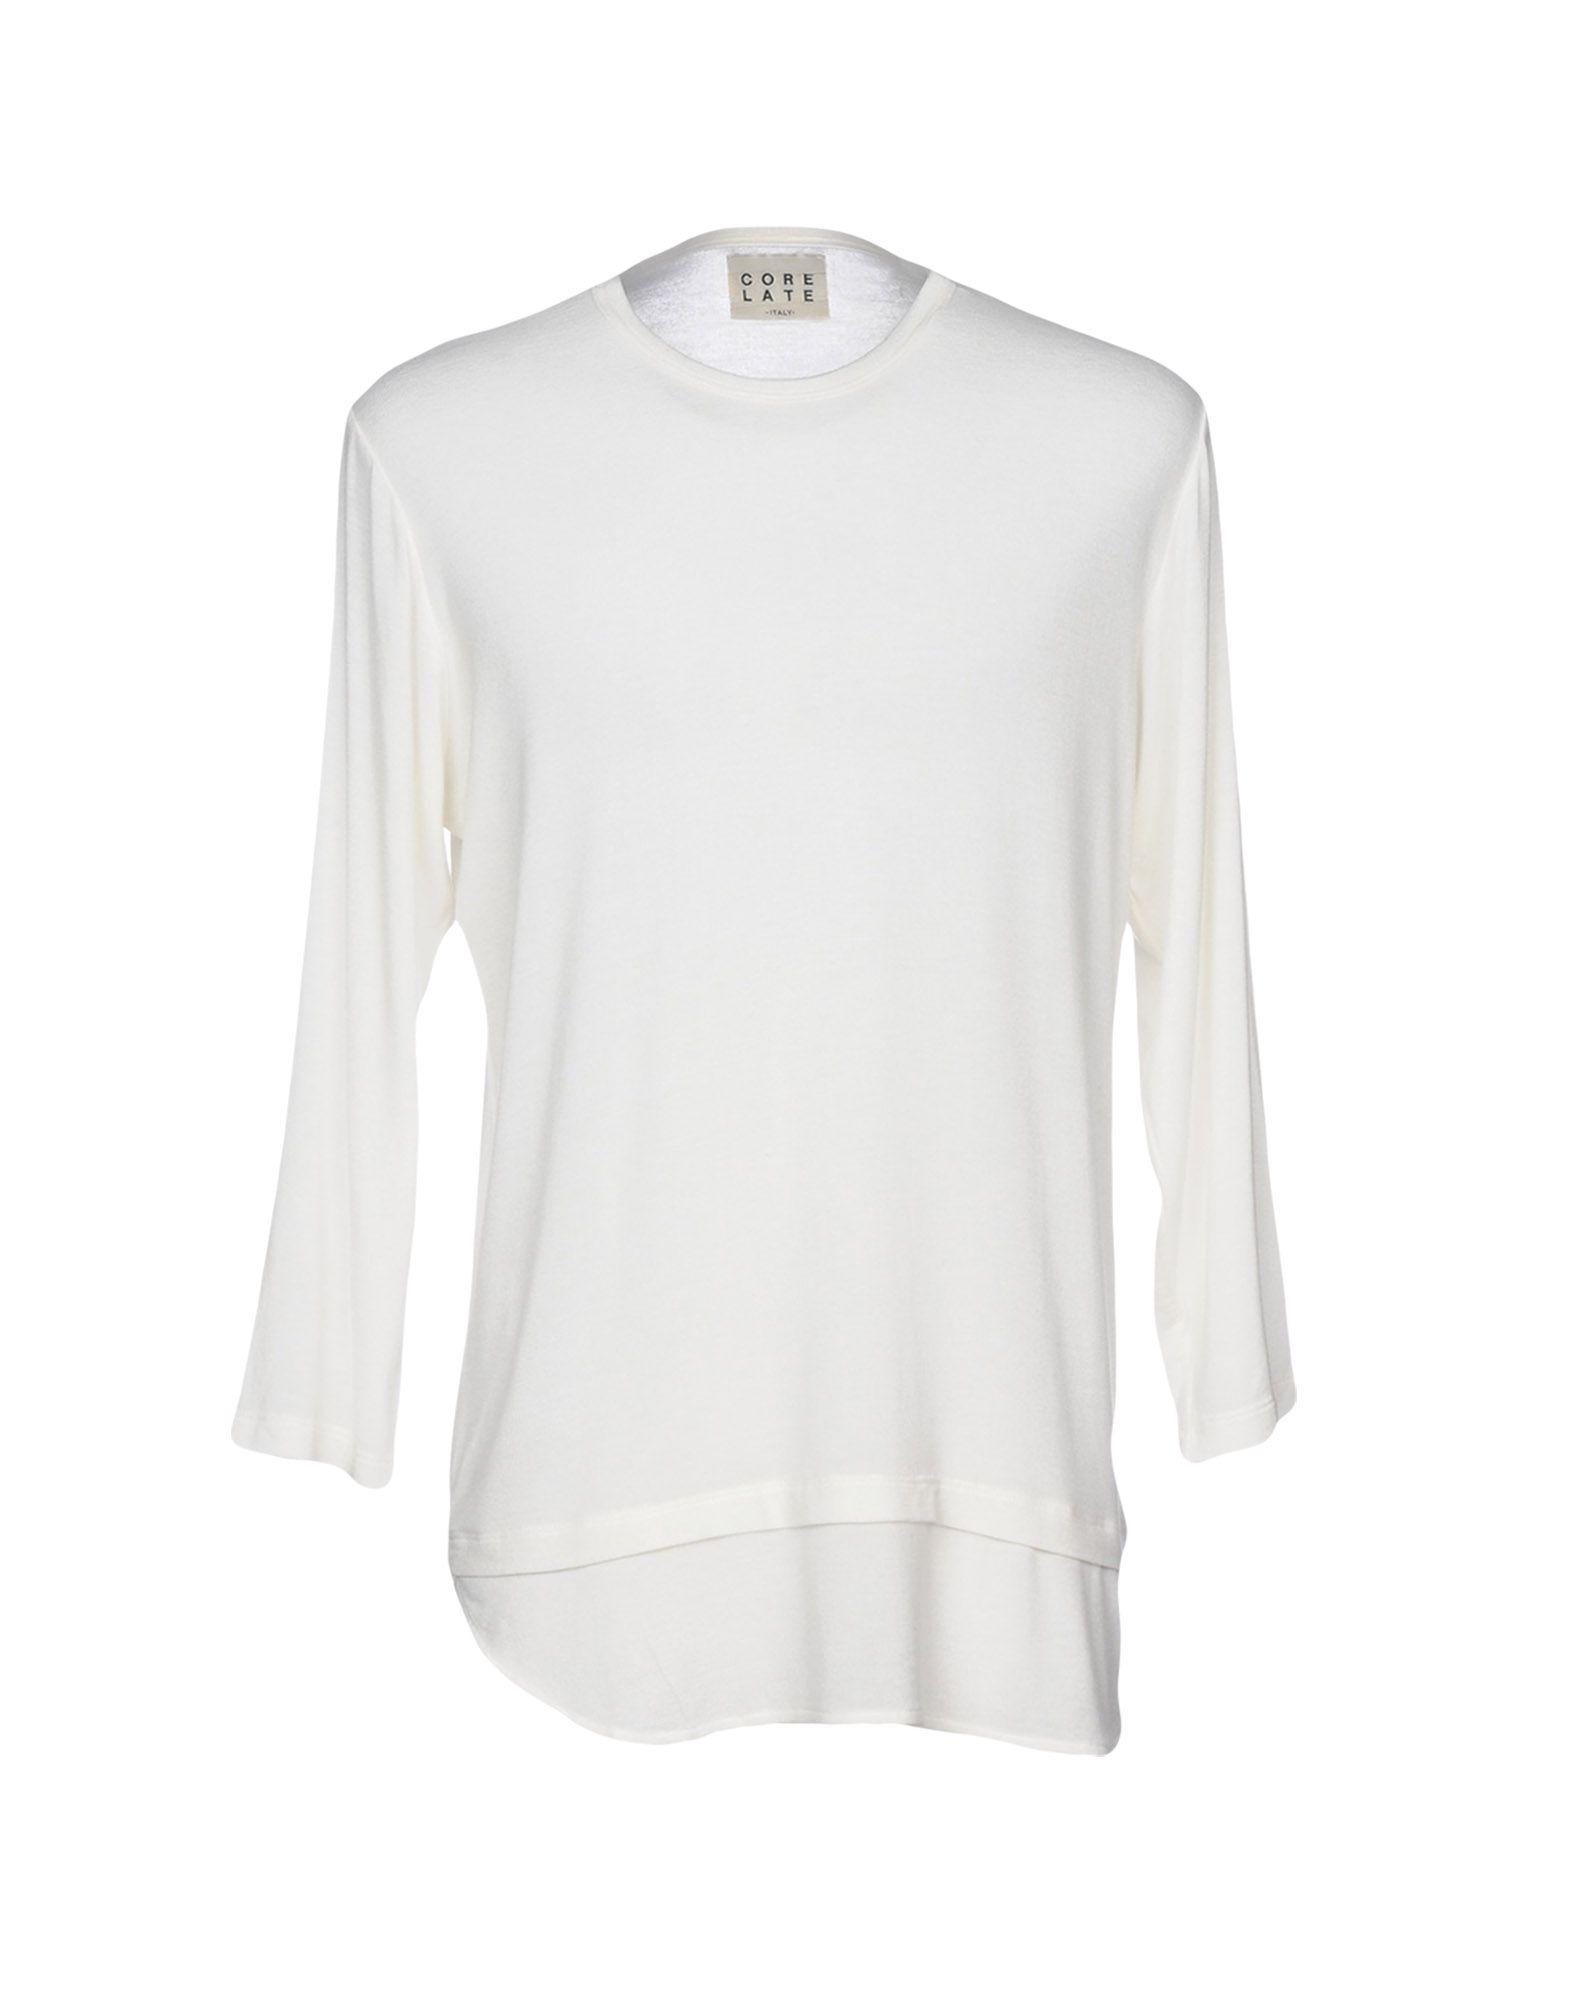 T-Shirt Corelate herren - 39875945IE